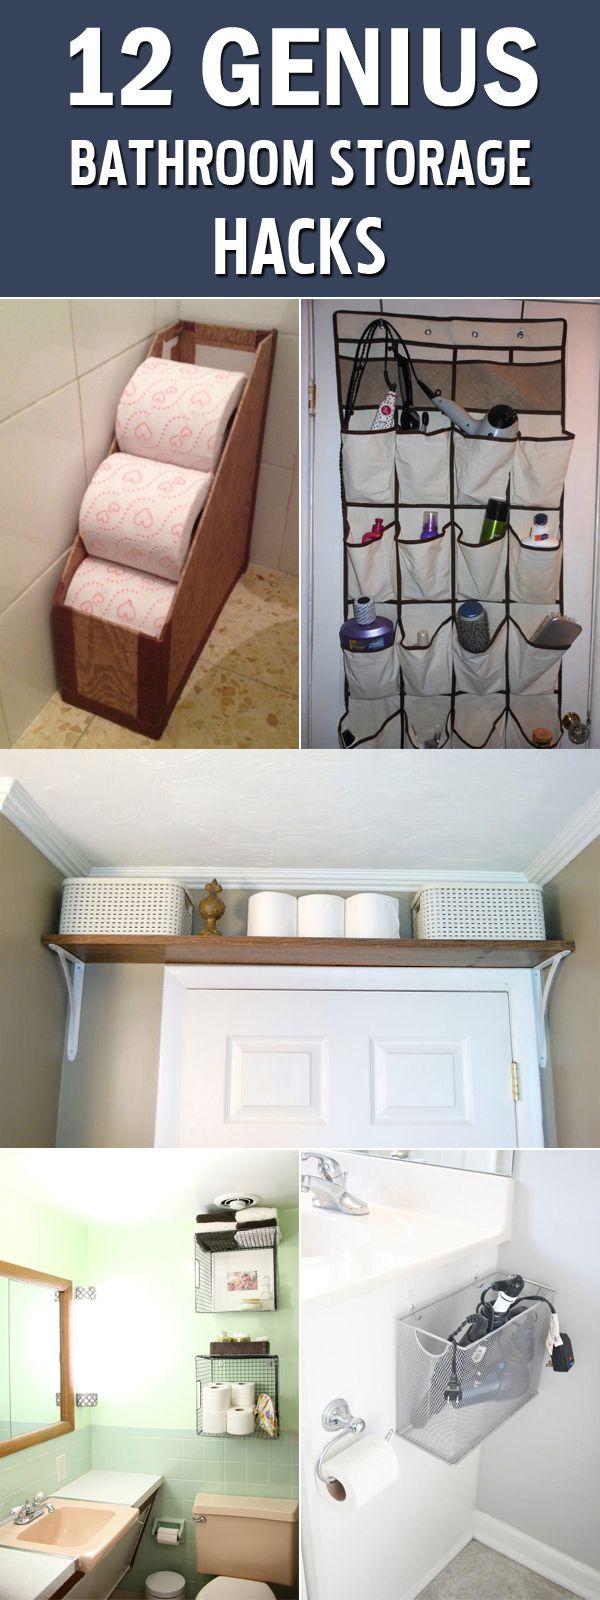 21 Regal Bad Ideen Regal Bad Badezimmerideen Aufbewahrung Für Kleines Badezimmer